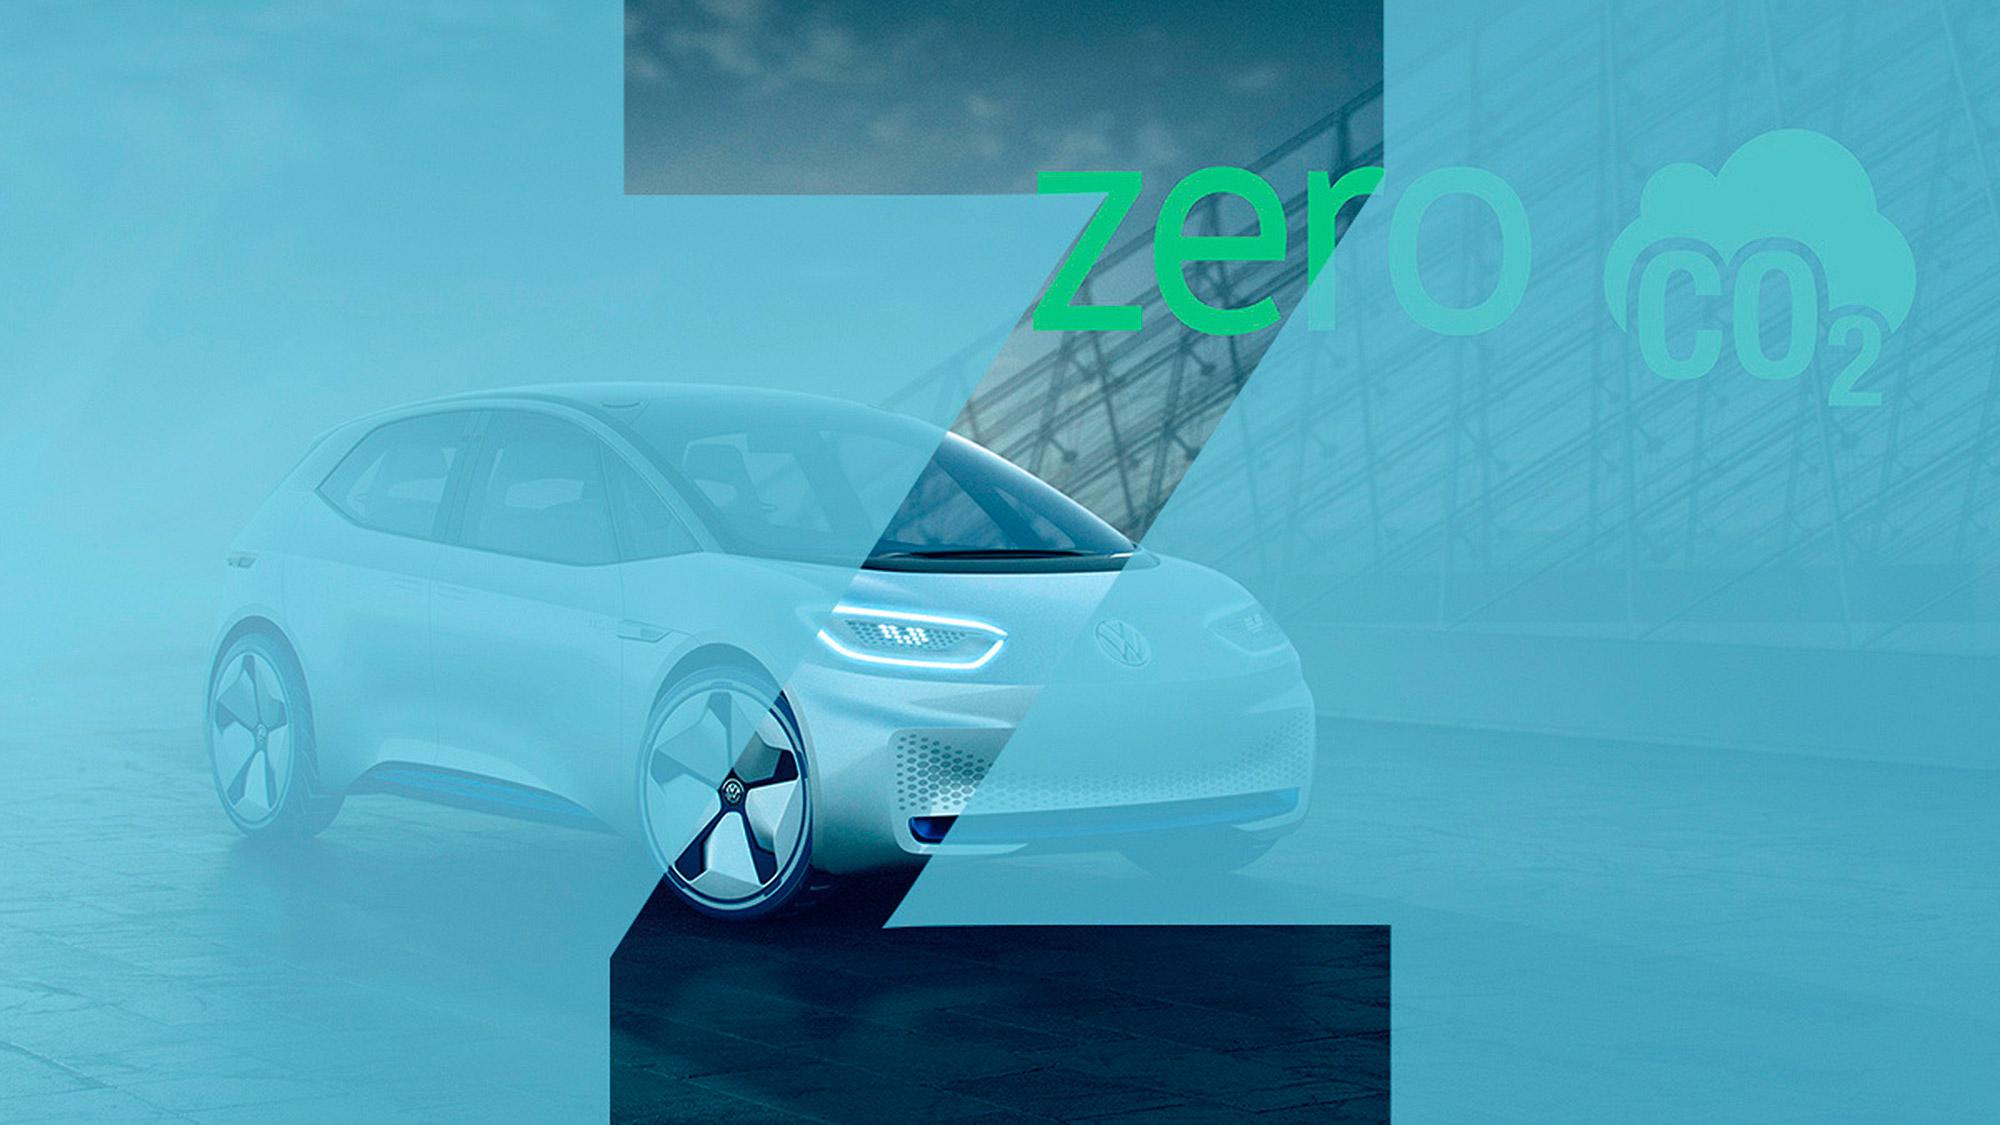 由於汽車在溫室氣體與細懸浮微粒排放的佔比都相對較高,已經是改革的目標。